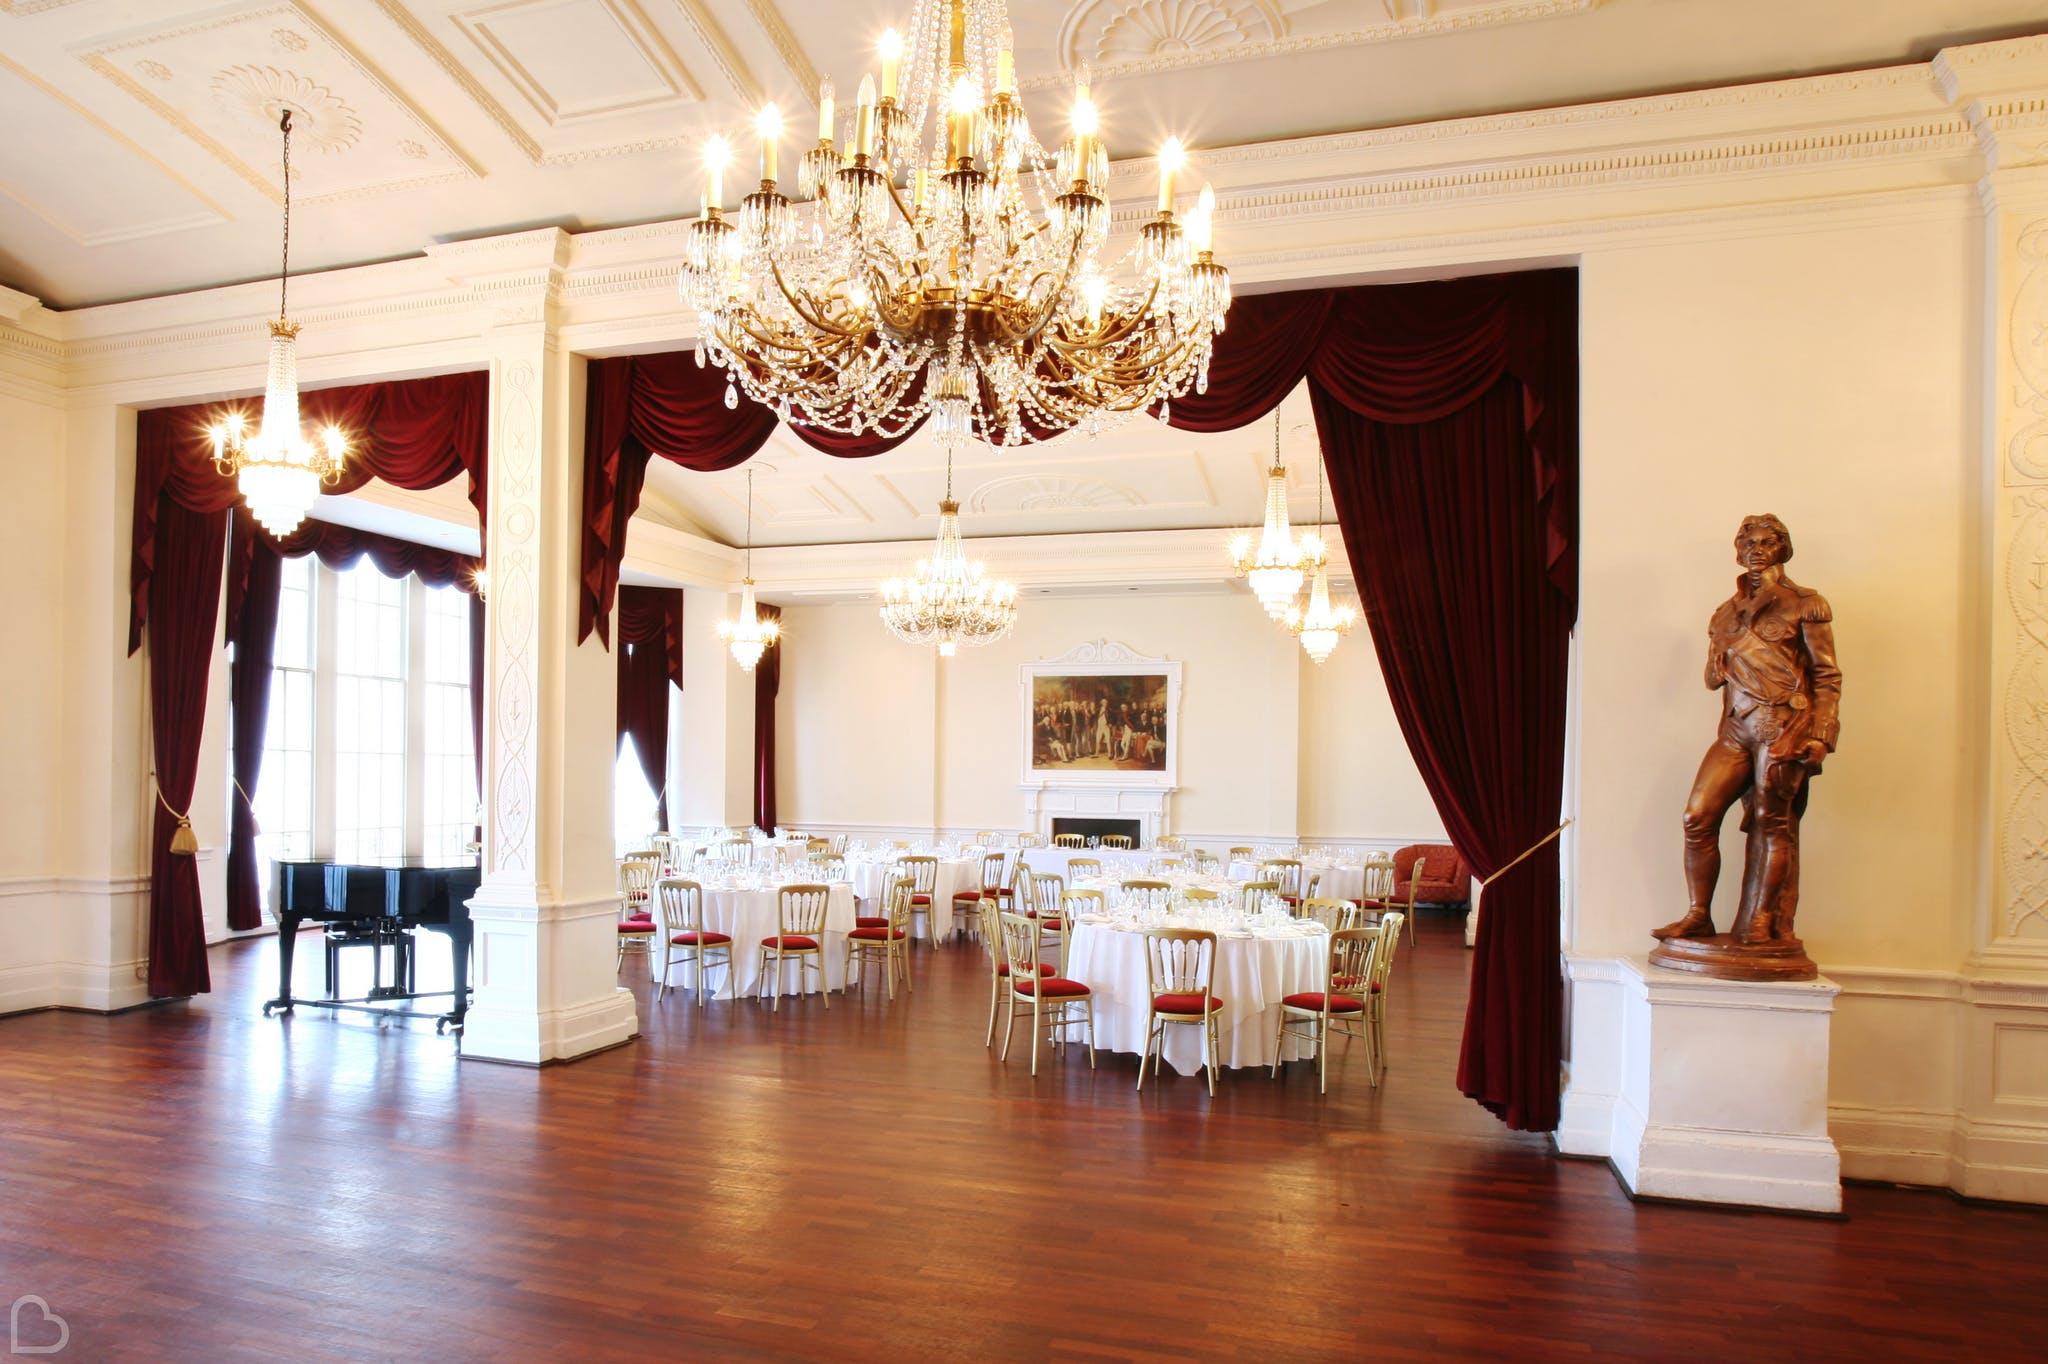 trafalgar tavern looking ready for a wedding lunch